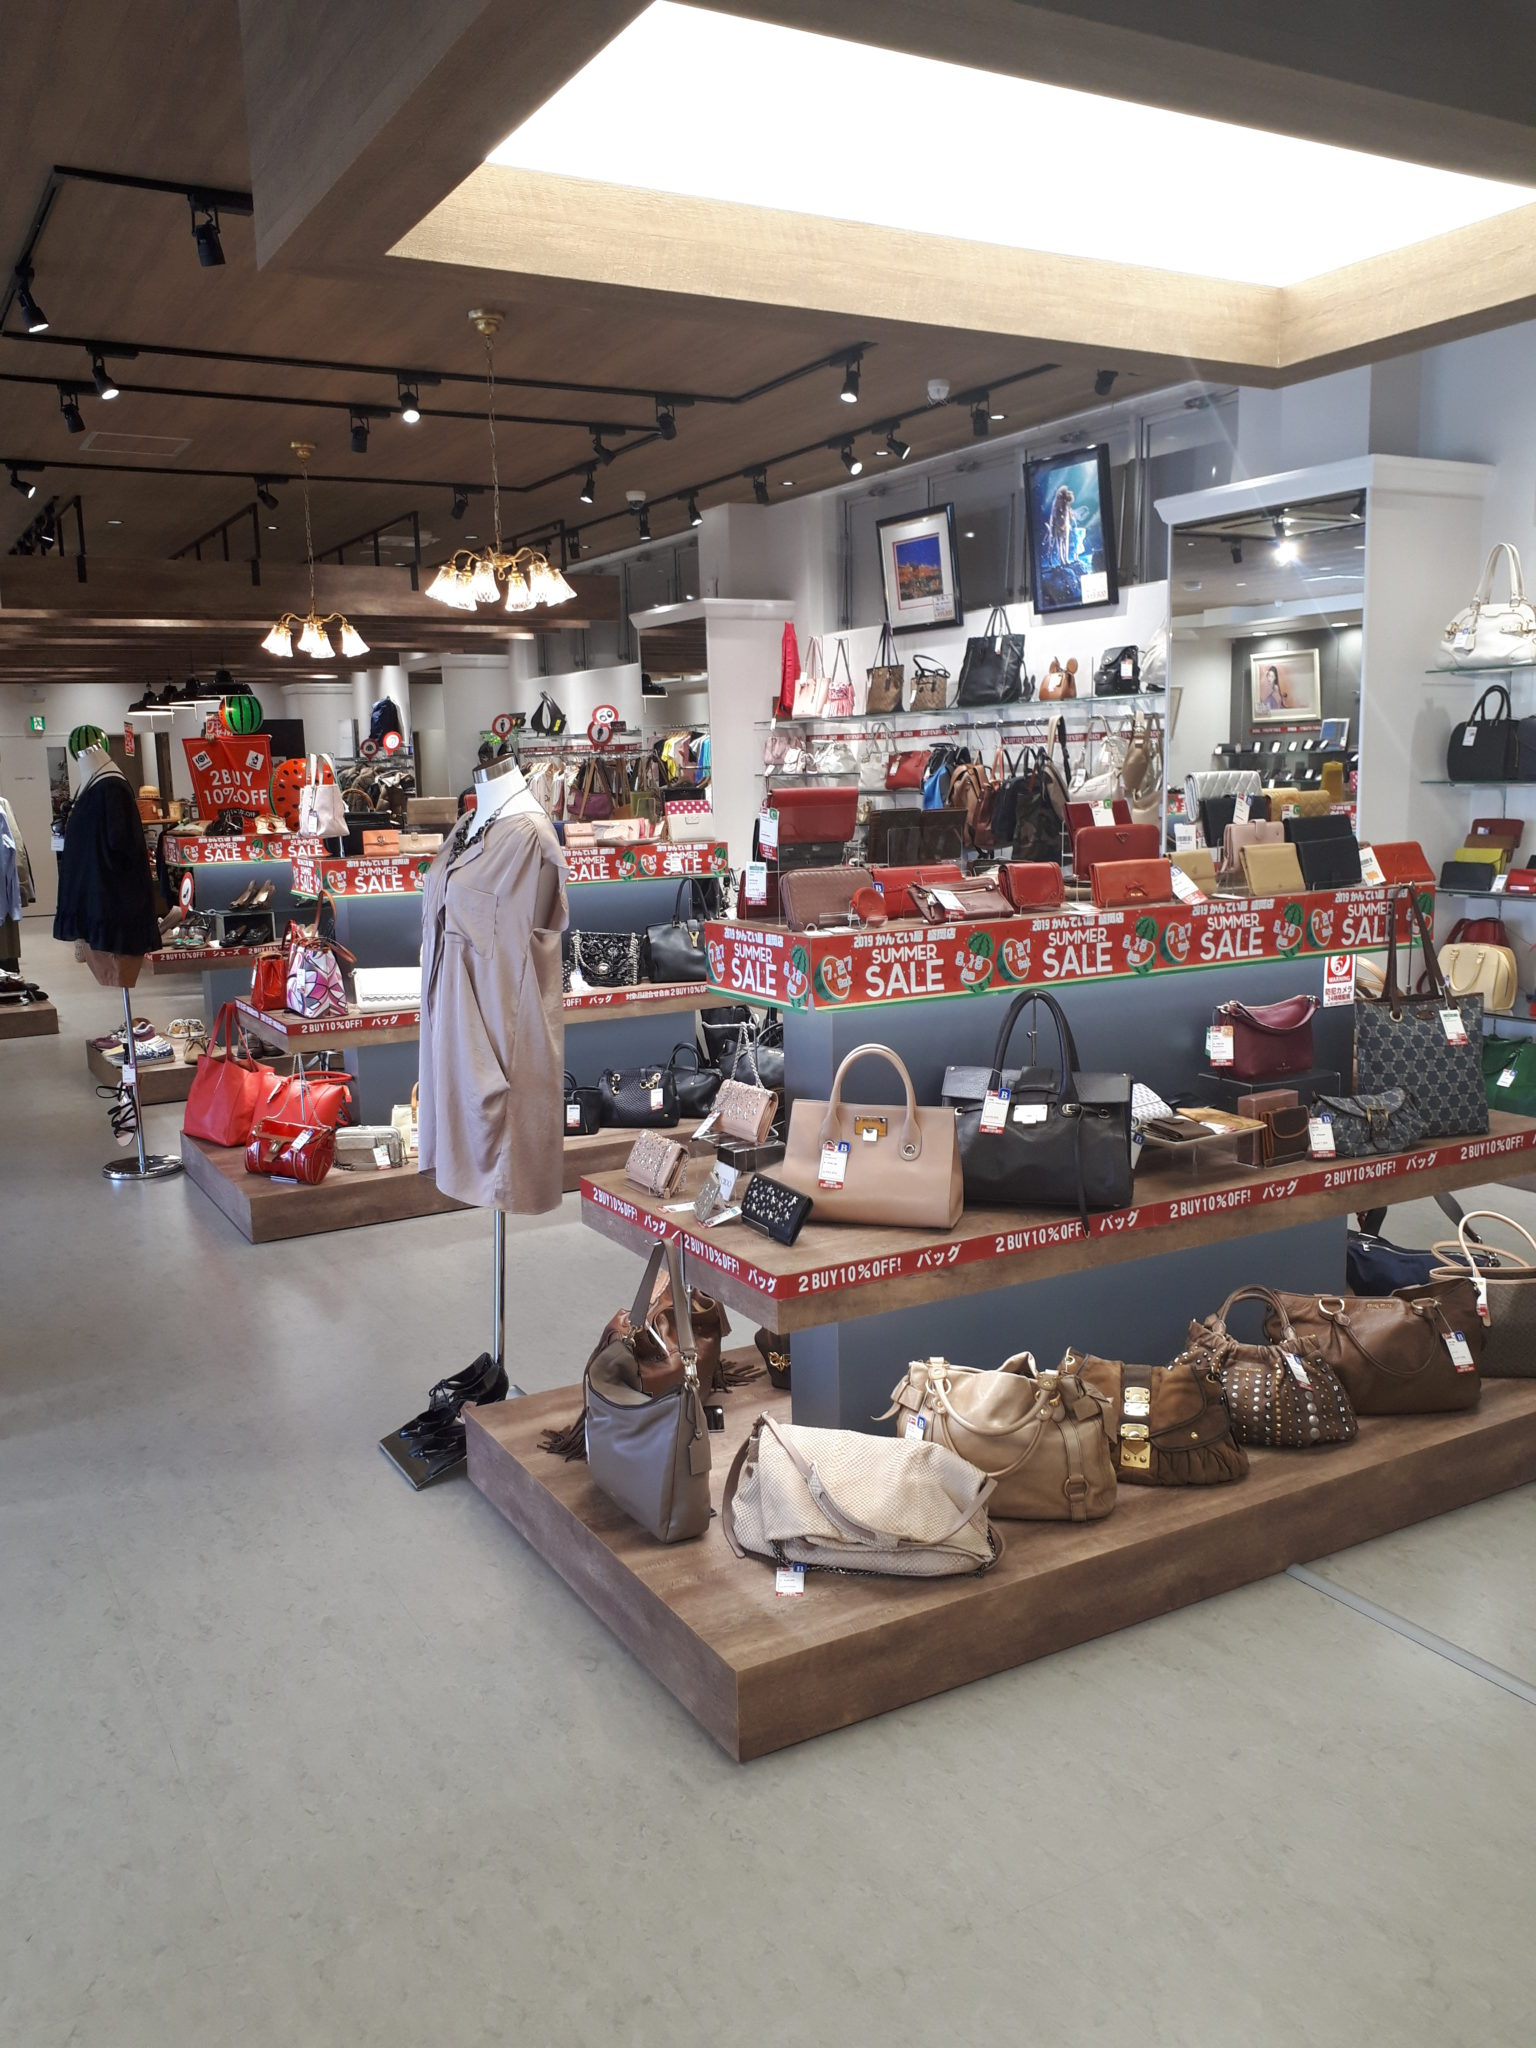 【盛岡 質 買取】岩手県最大規模の質店舗です!